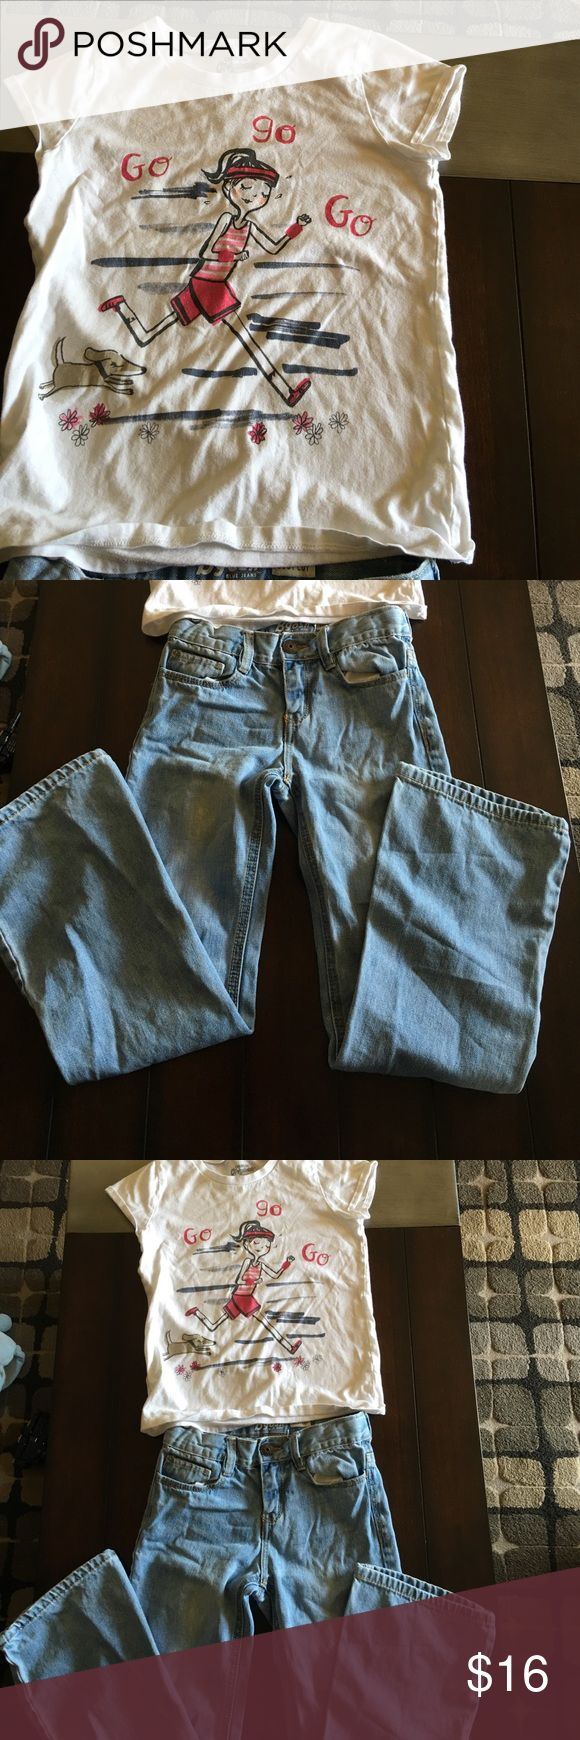 Size 10 outfit Oshkosh outfits size 10 Osh Kosh Matching Sets